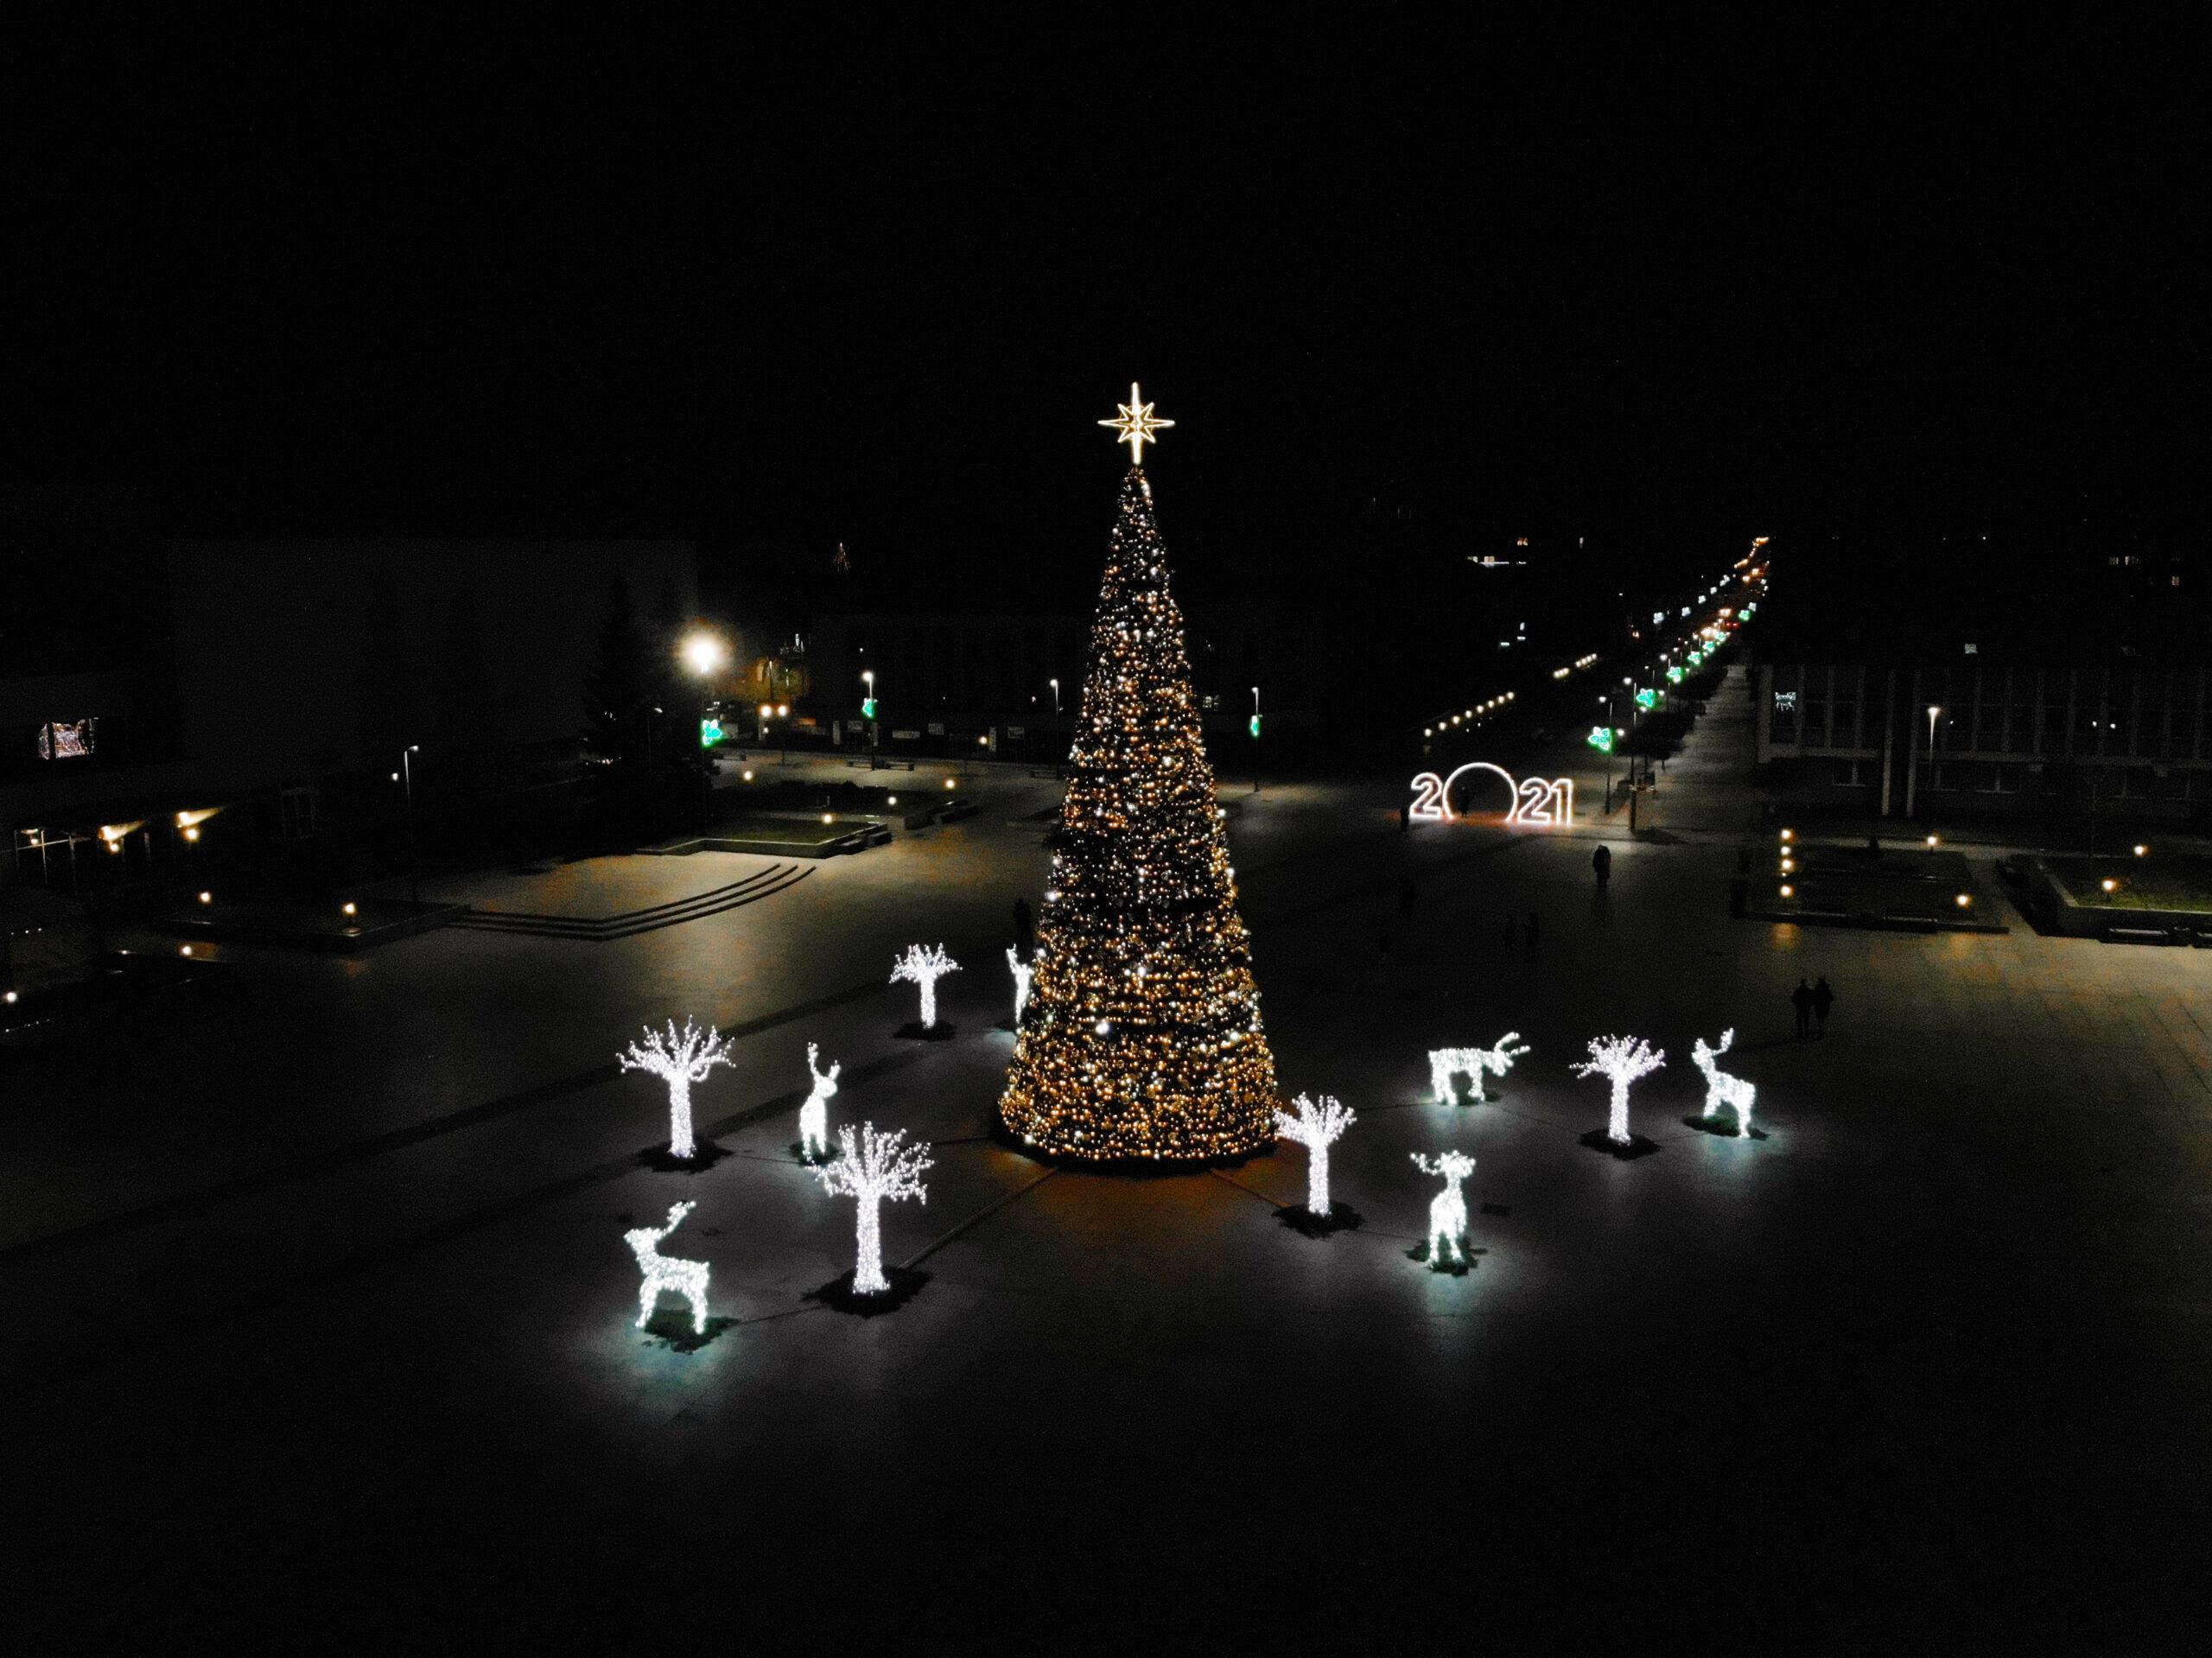 Žaviausią kalėdinę eglę Marijampolė įžiebė tyliai ir saugiai – centrinėje aikštėje nušvito visa šventinė giria